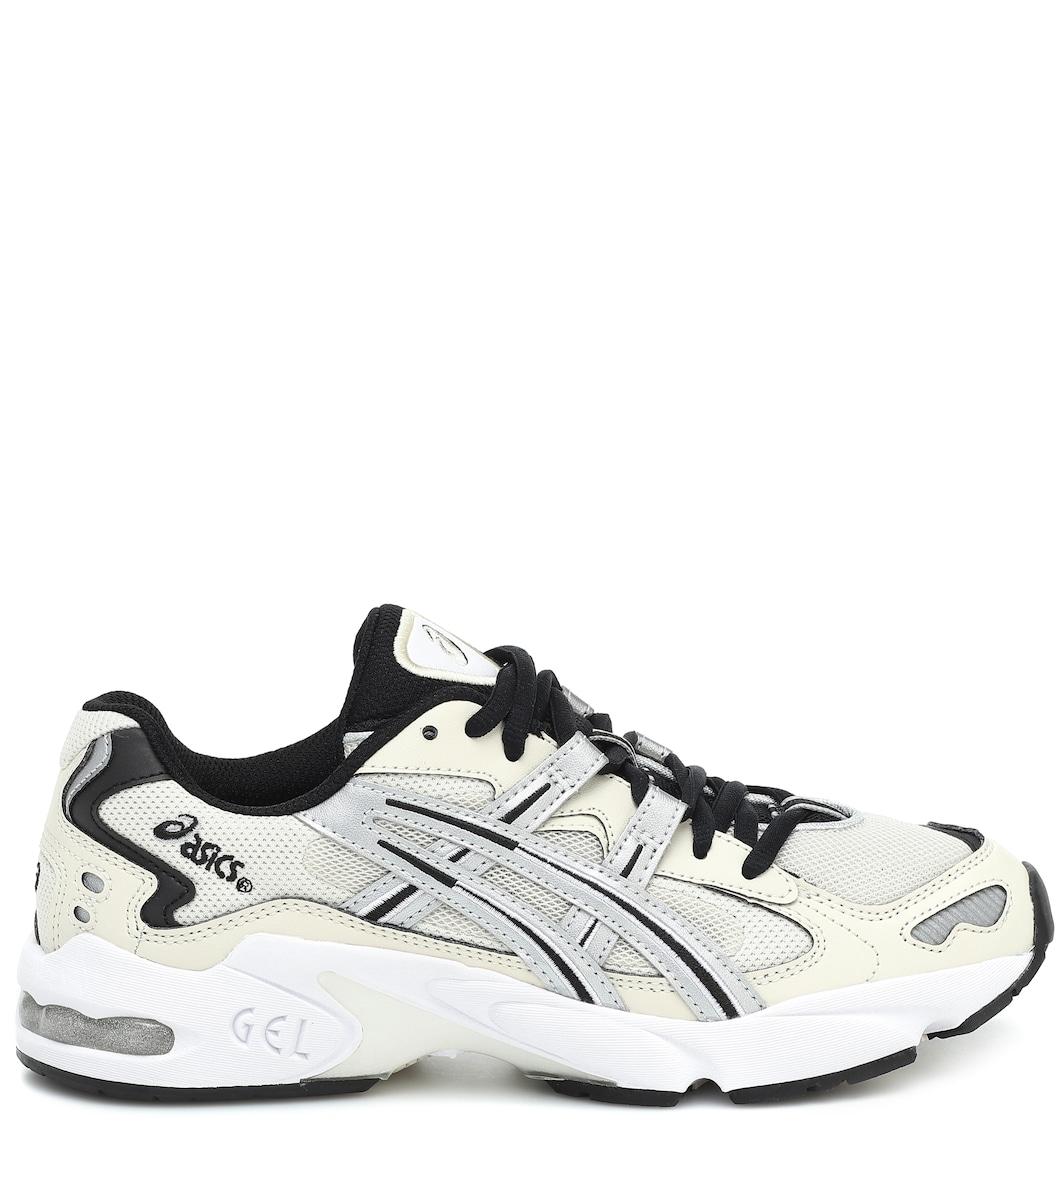 GEL KAYANO 5 OG sneakers